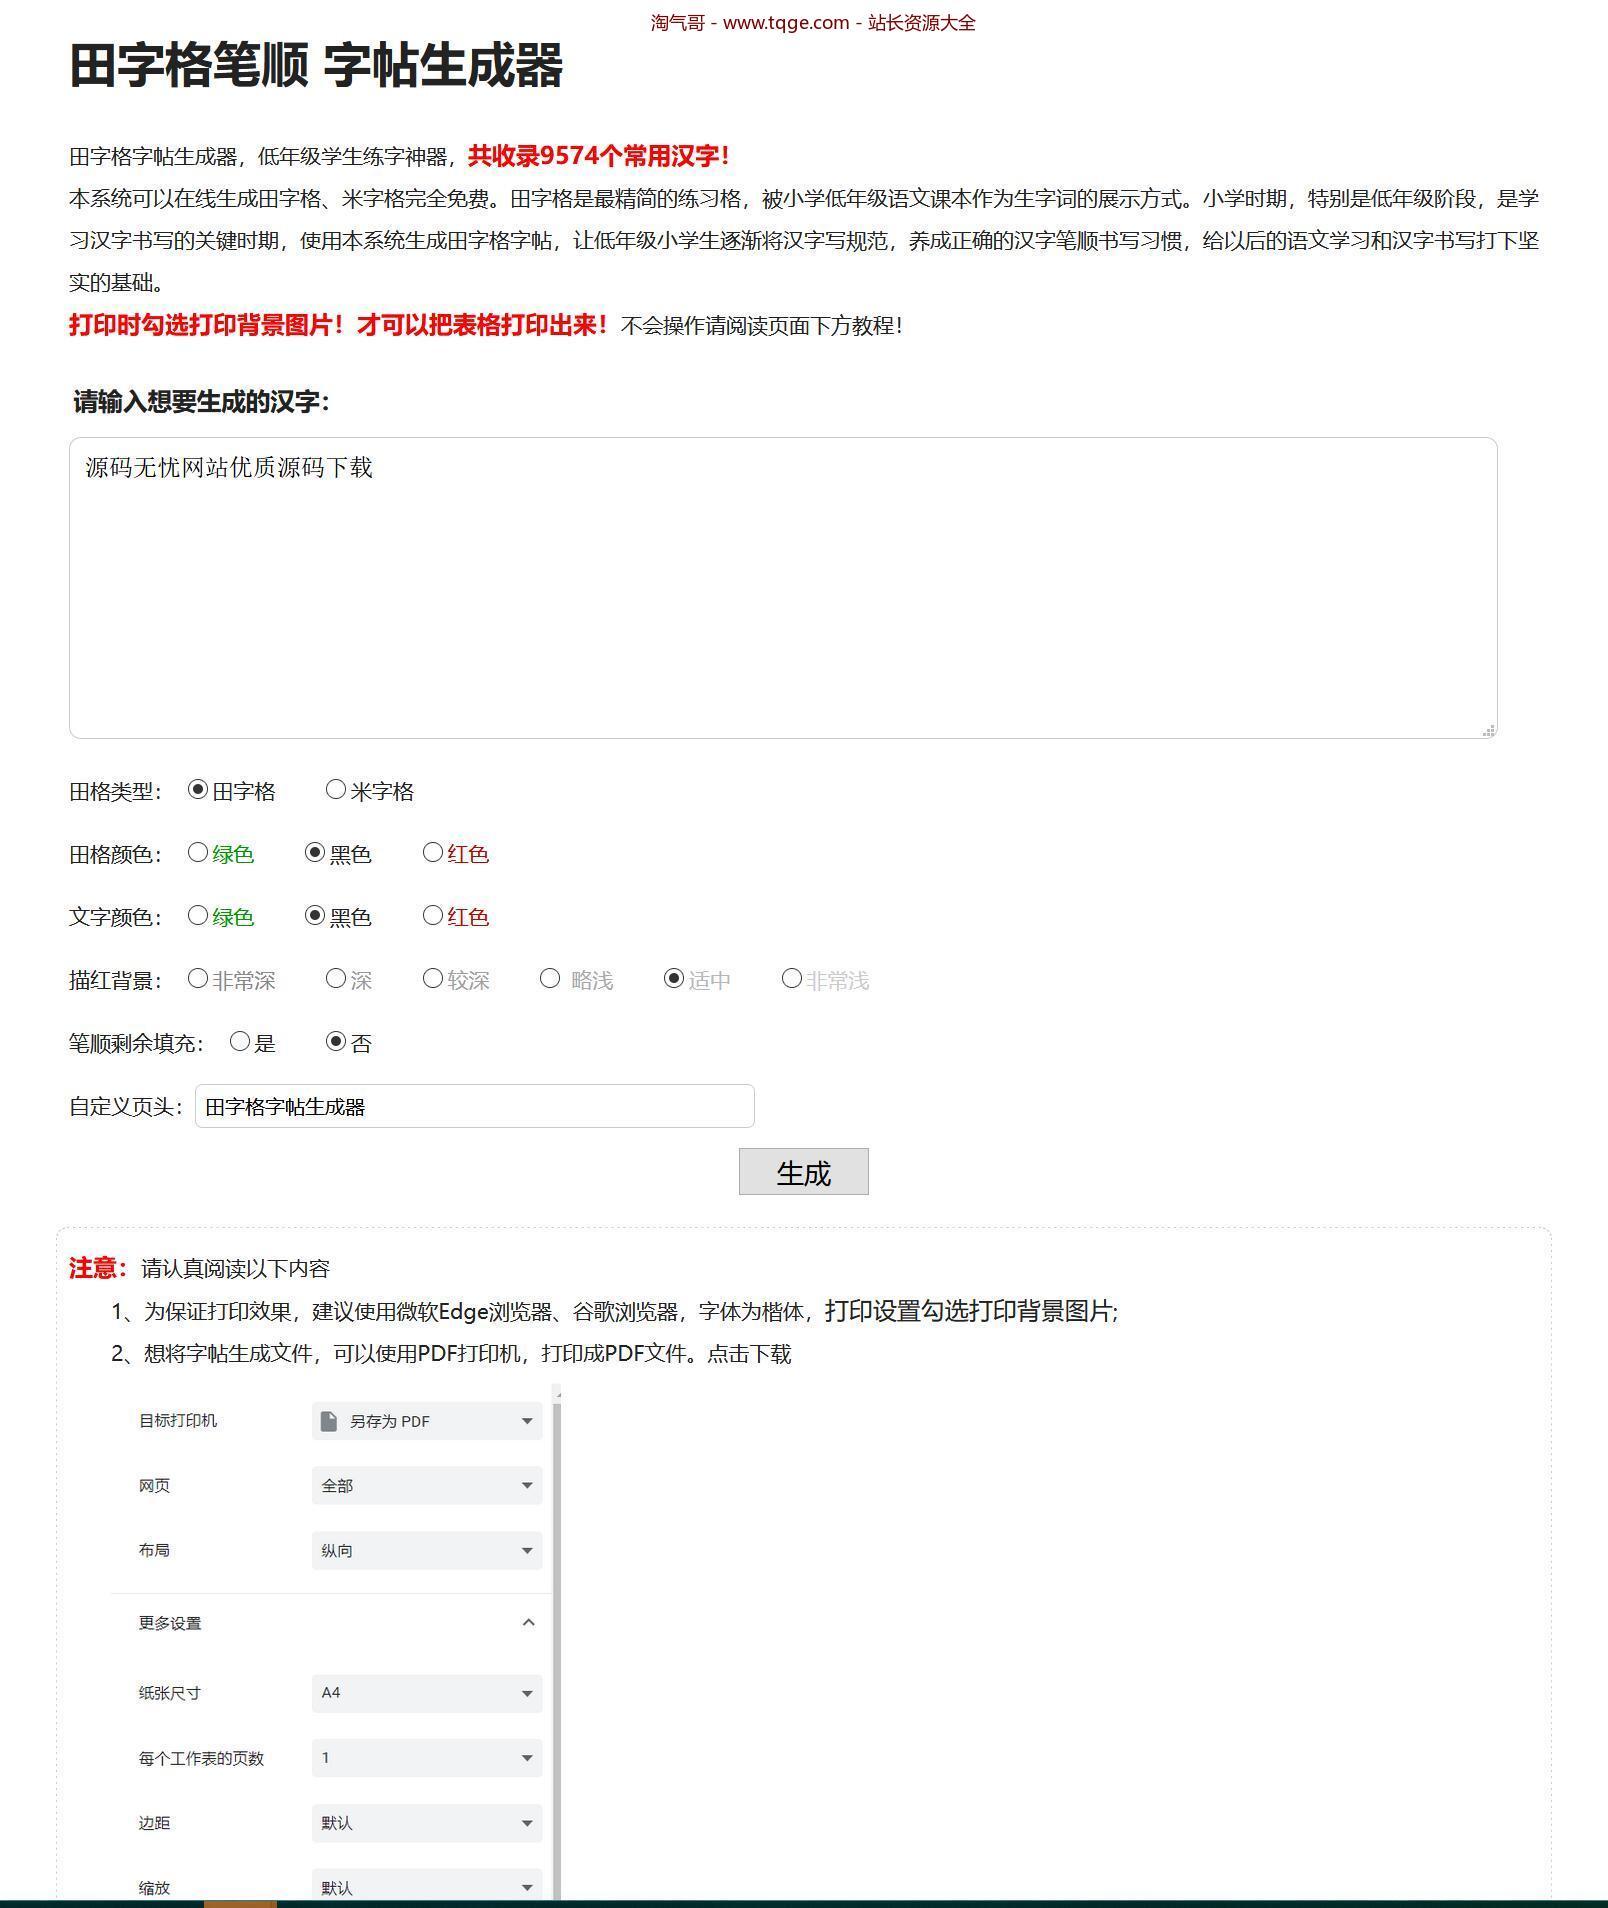 【已测源码】php开发汉字笔顺字帖在线生成器程序源码 会员   推广   查询 第2张